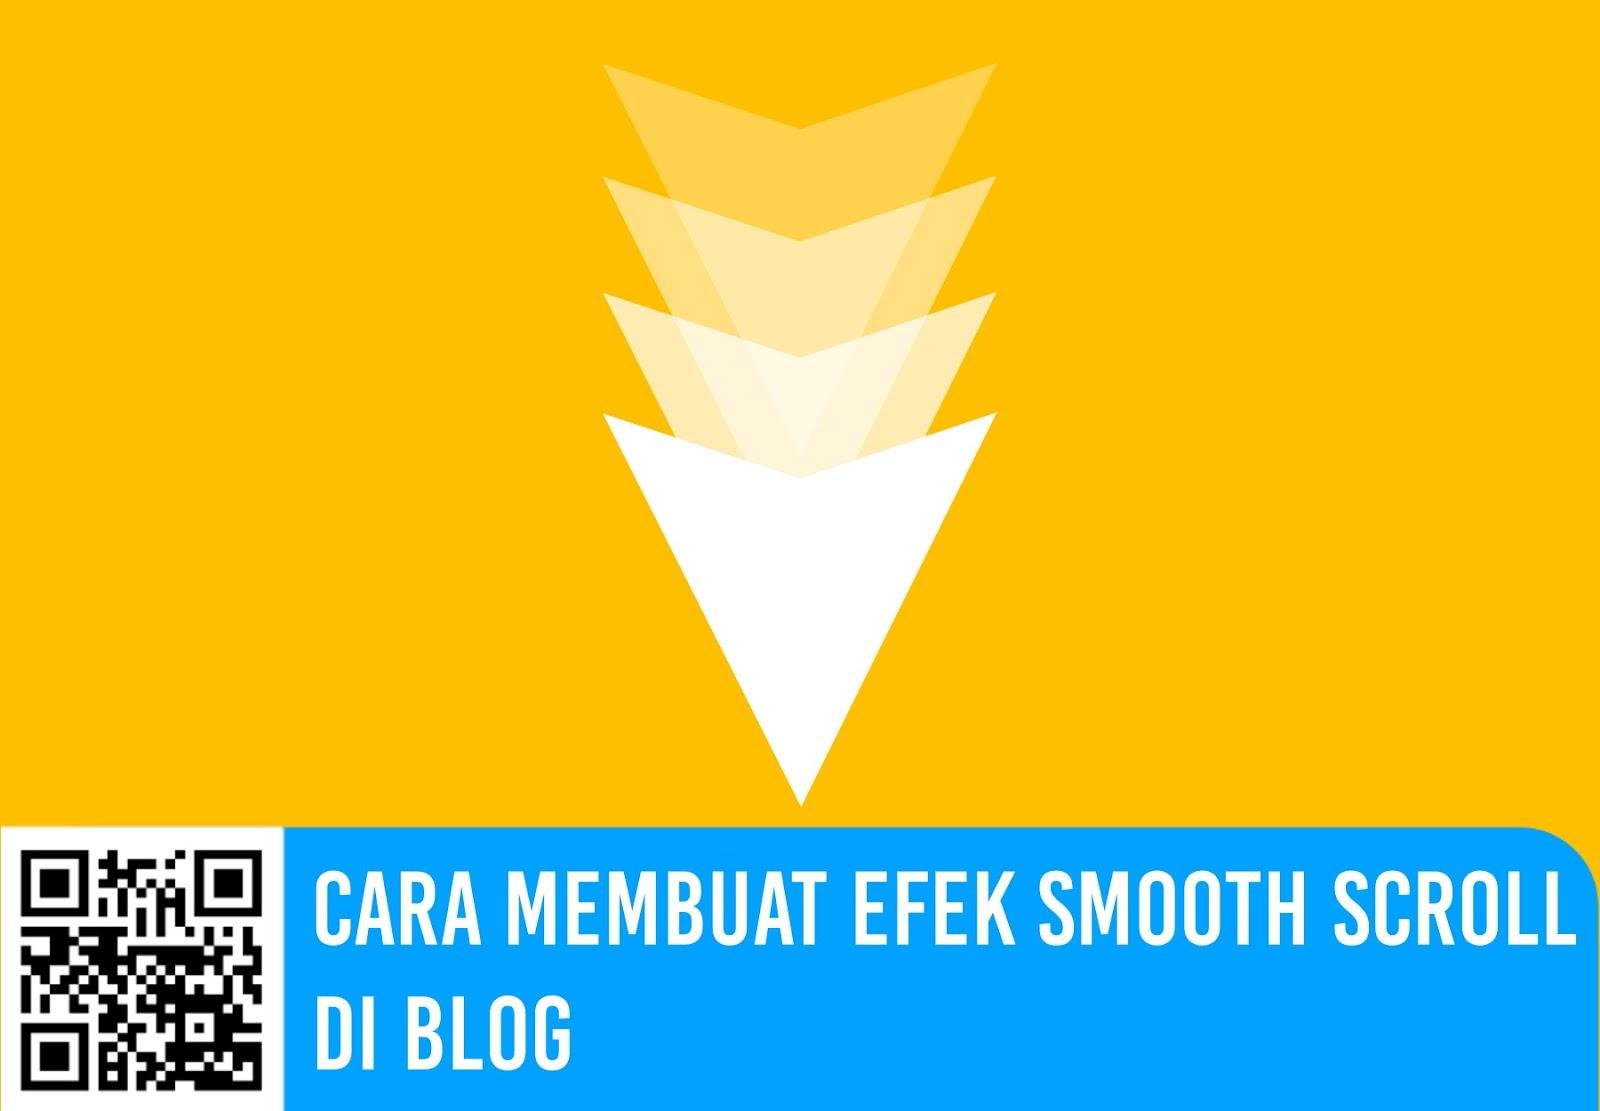 Cara-Membuat-Efek-Smooth-Scroll-di-Blog